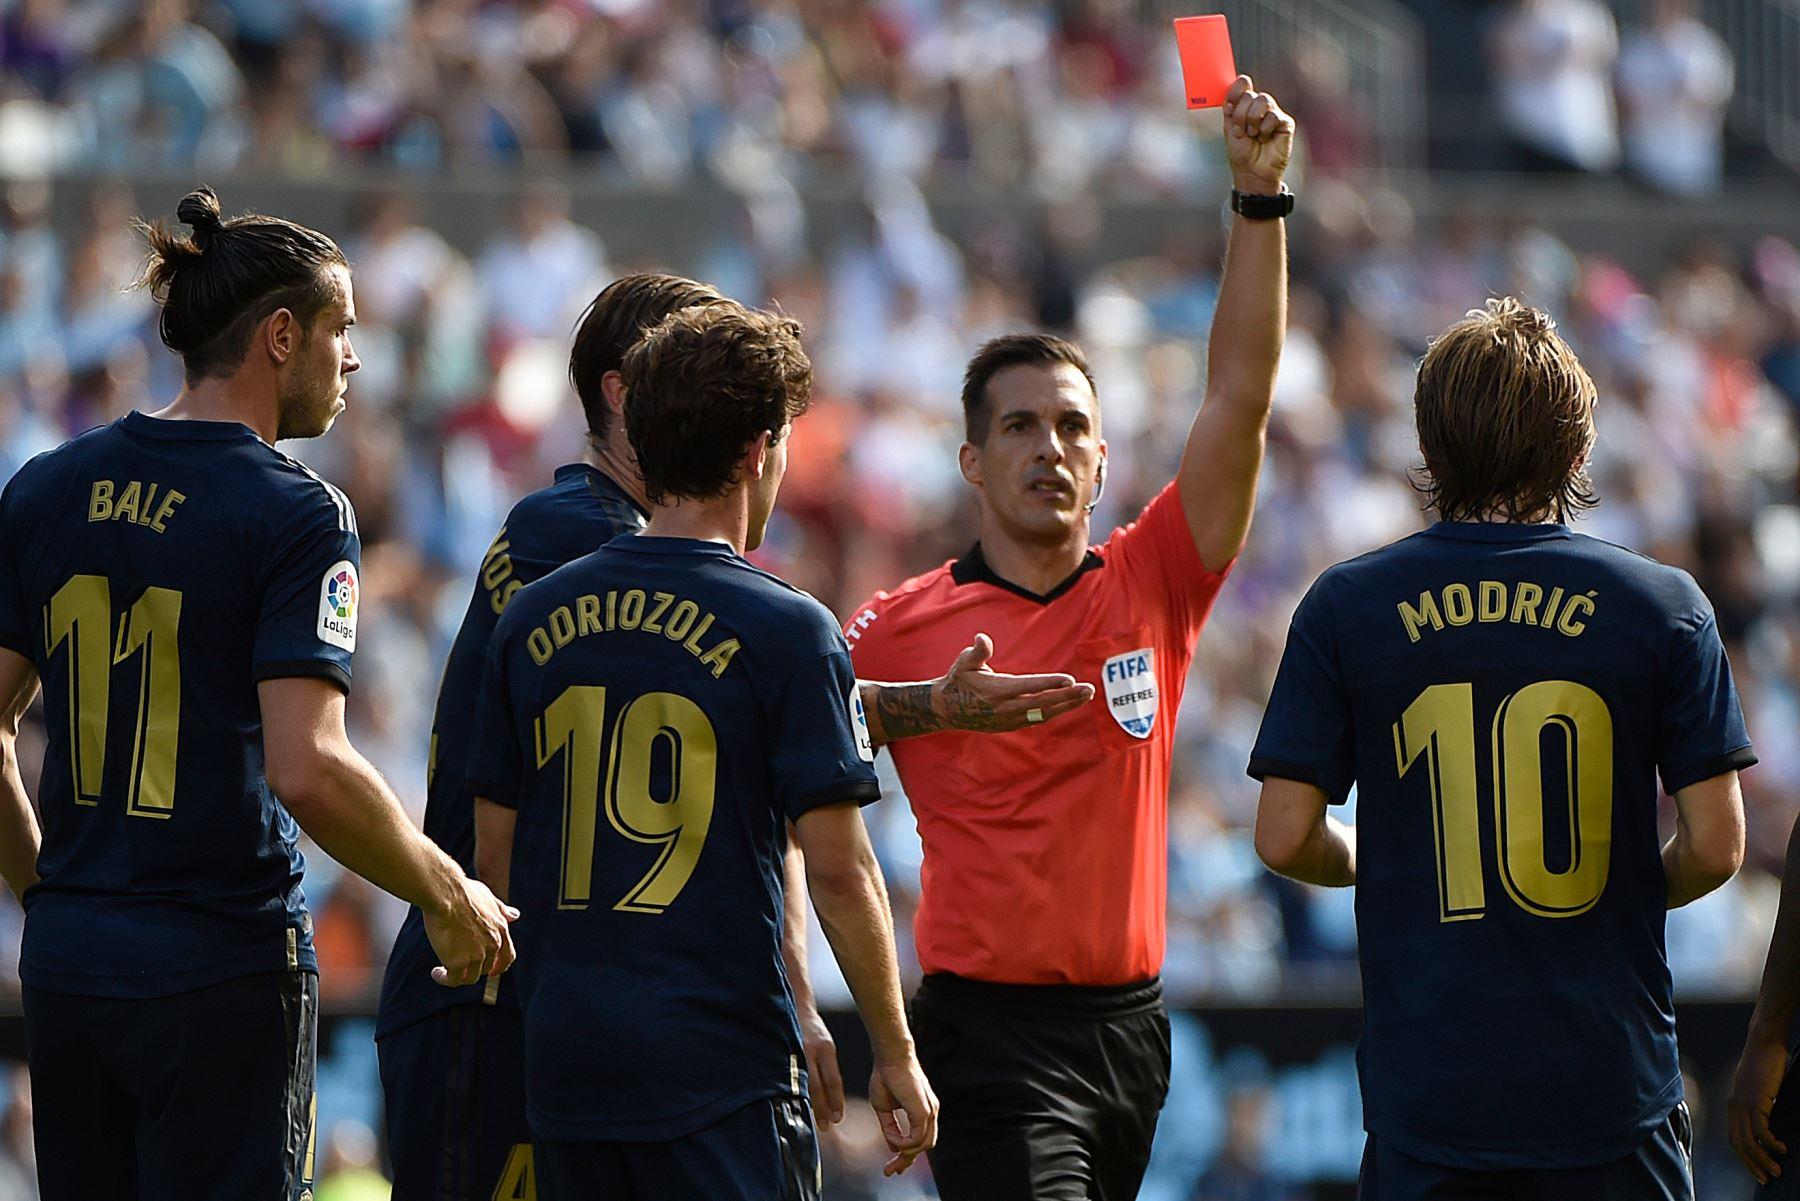 El centrocampista croata del Real Madrid Luka Modric (R) recibe una tarjeta roja del árbitro español Xavier Estrada Fernández durante el partido de fútbol de la Liga española entre Celta Vigo y el Real Madrid. Foto: AFP